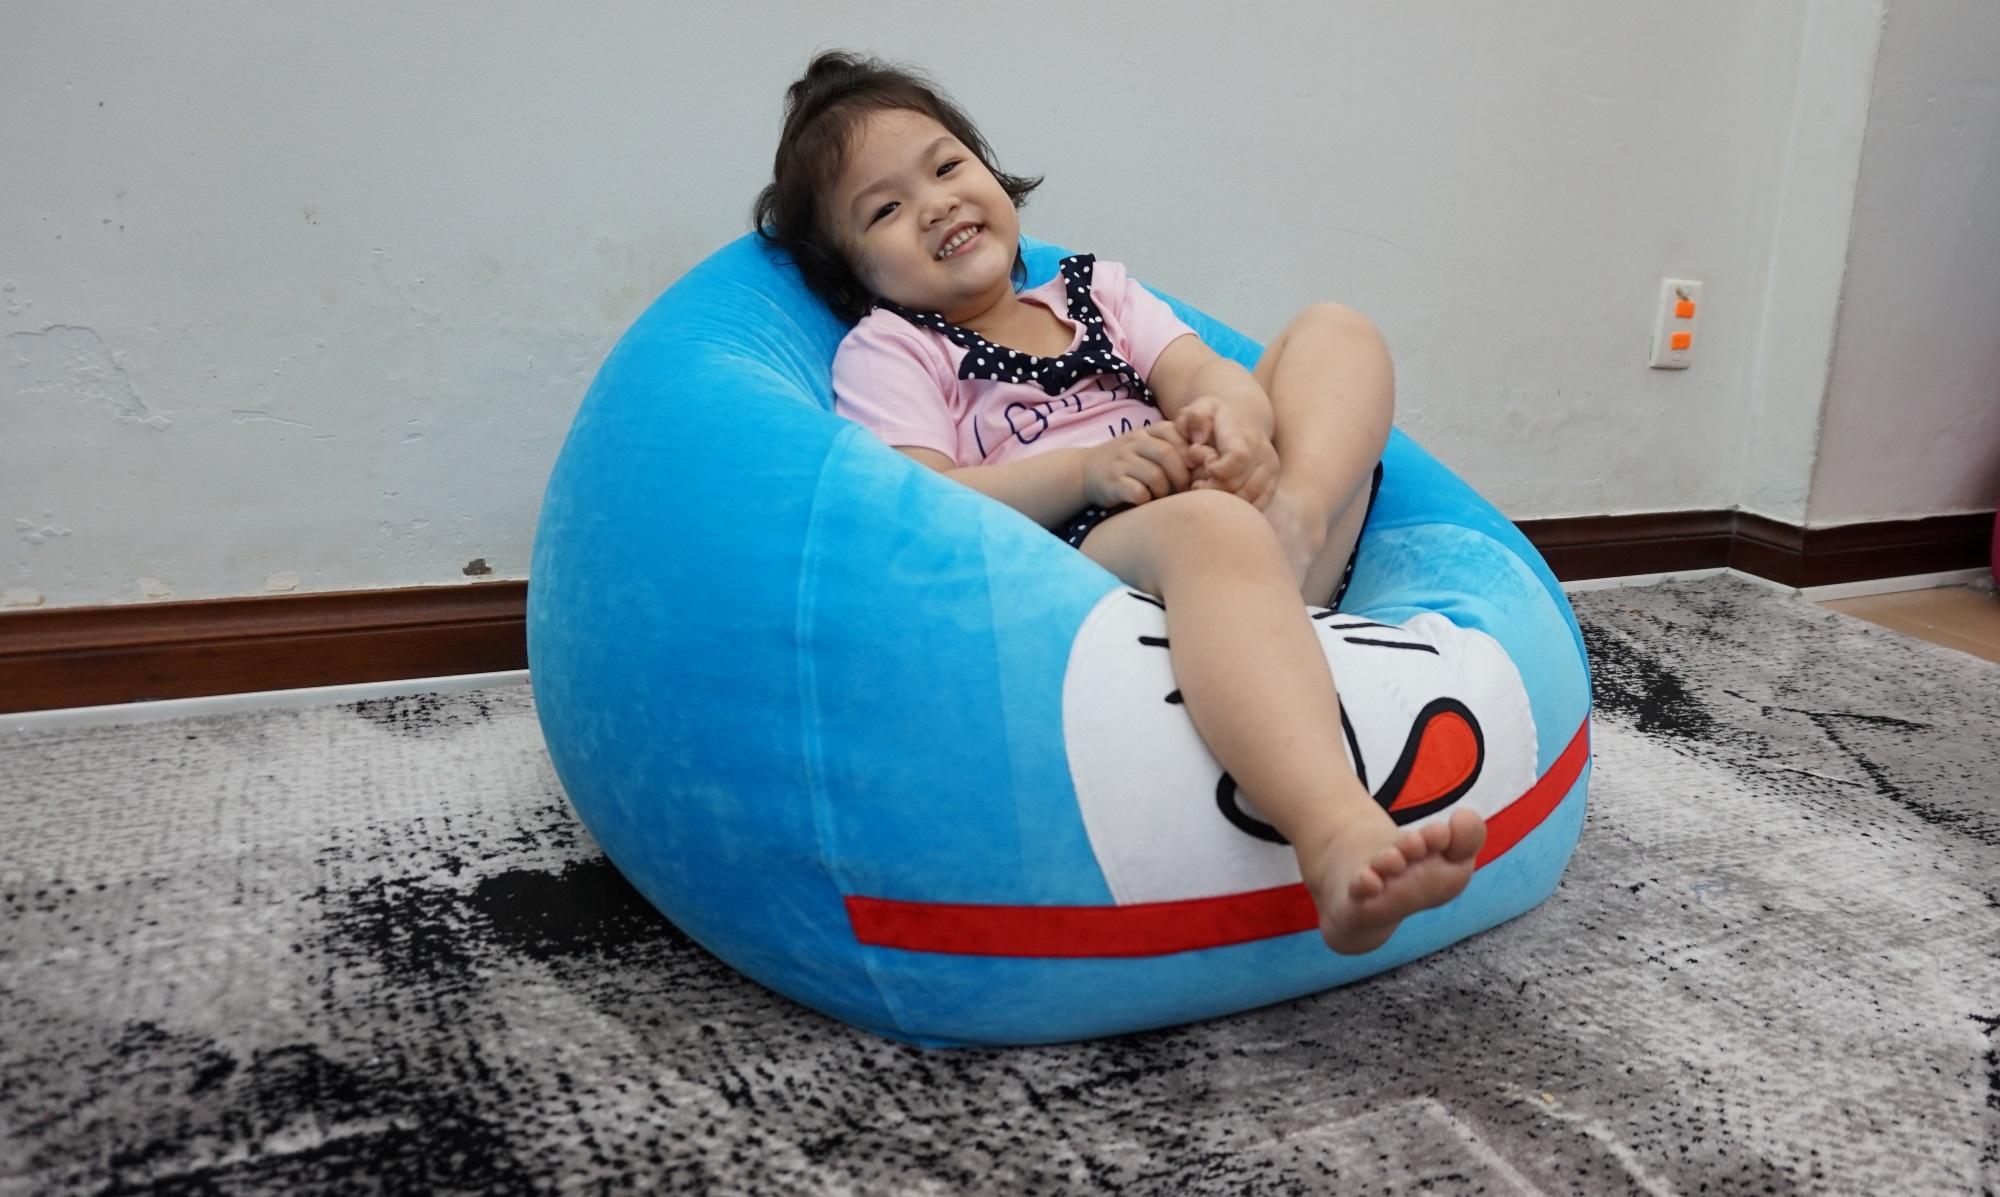 Ghế lười giọt nước Đoremon size S (màu xanh da trời + trắng) - nội thất dành cho trẻ em